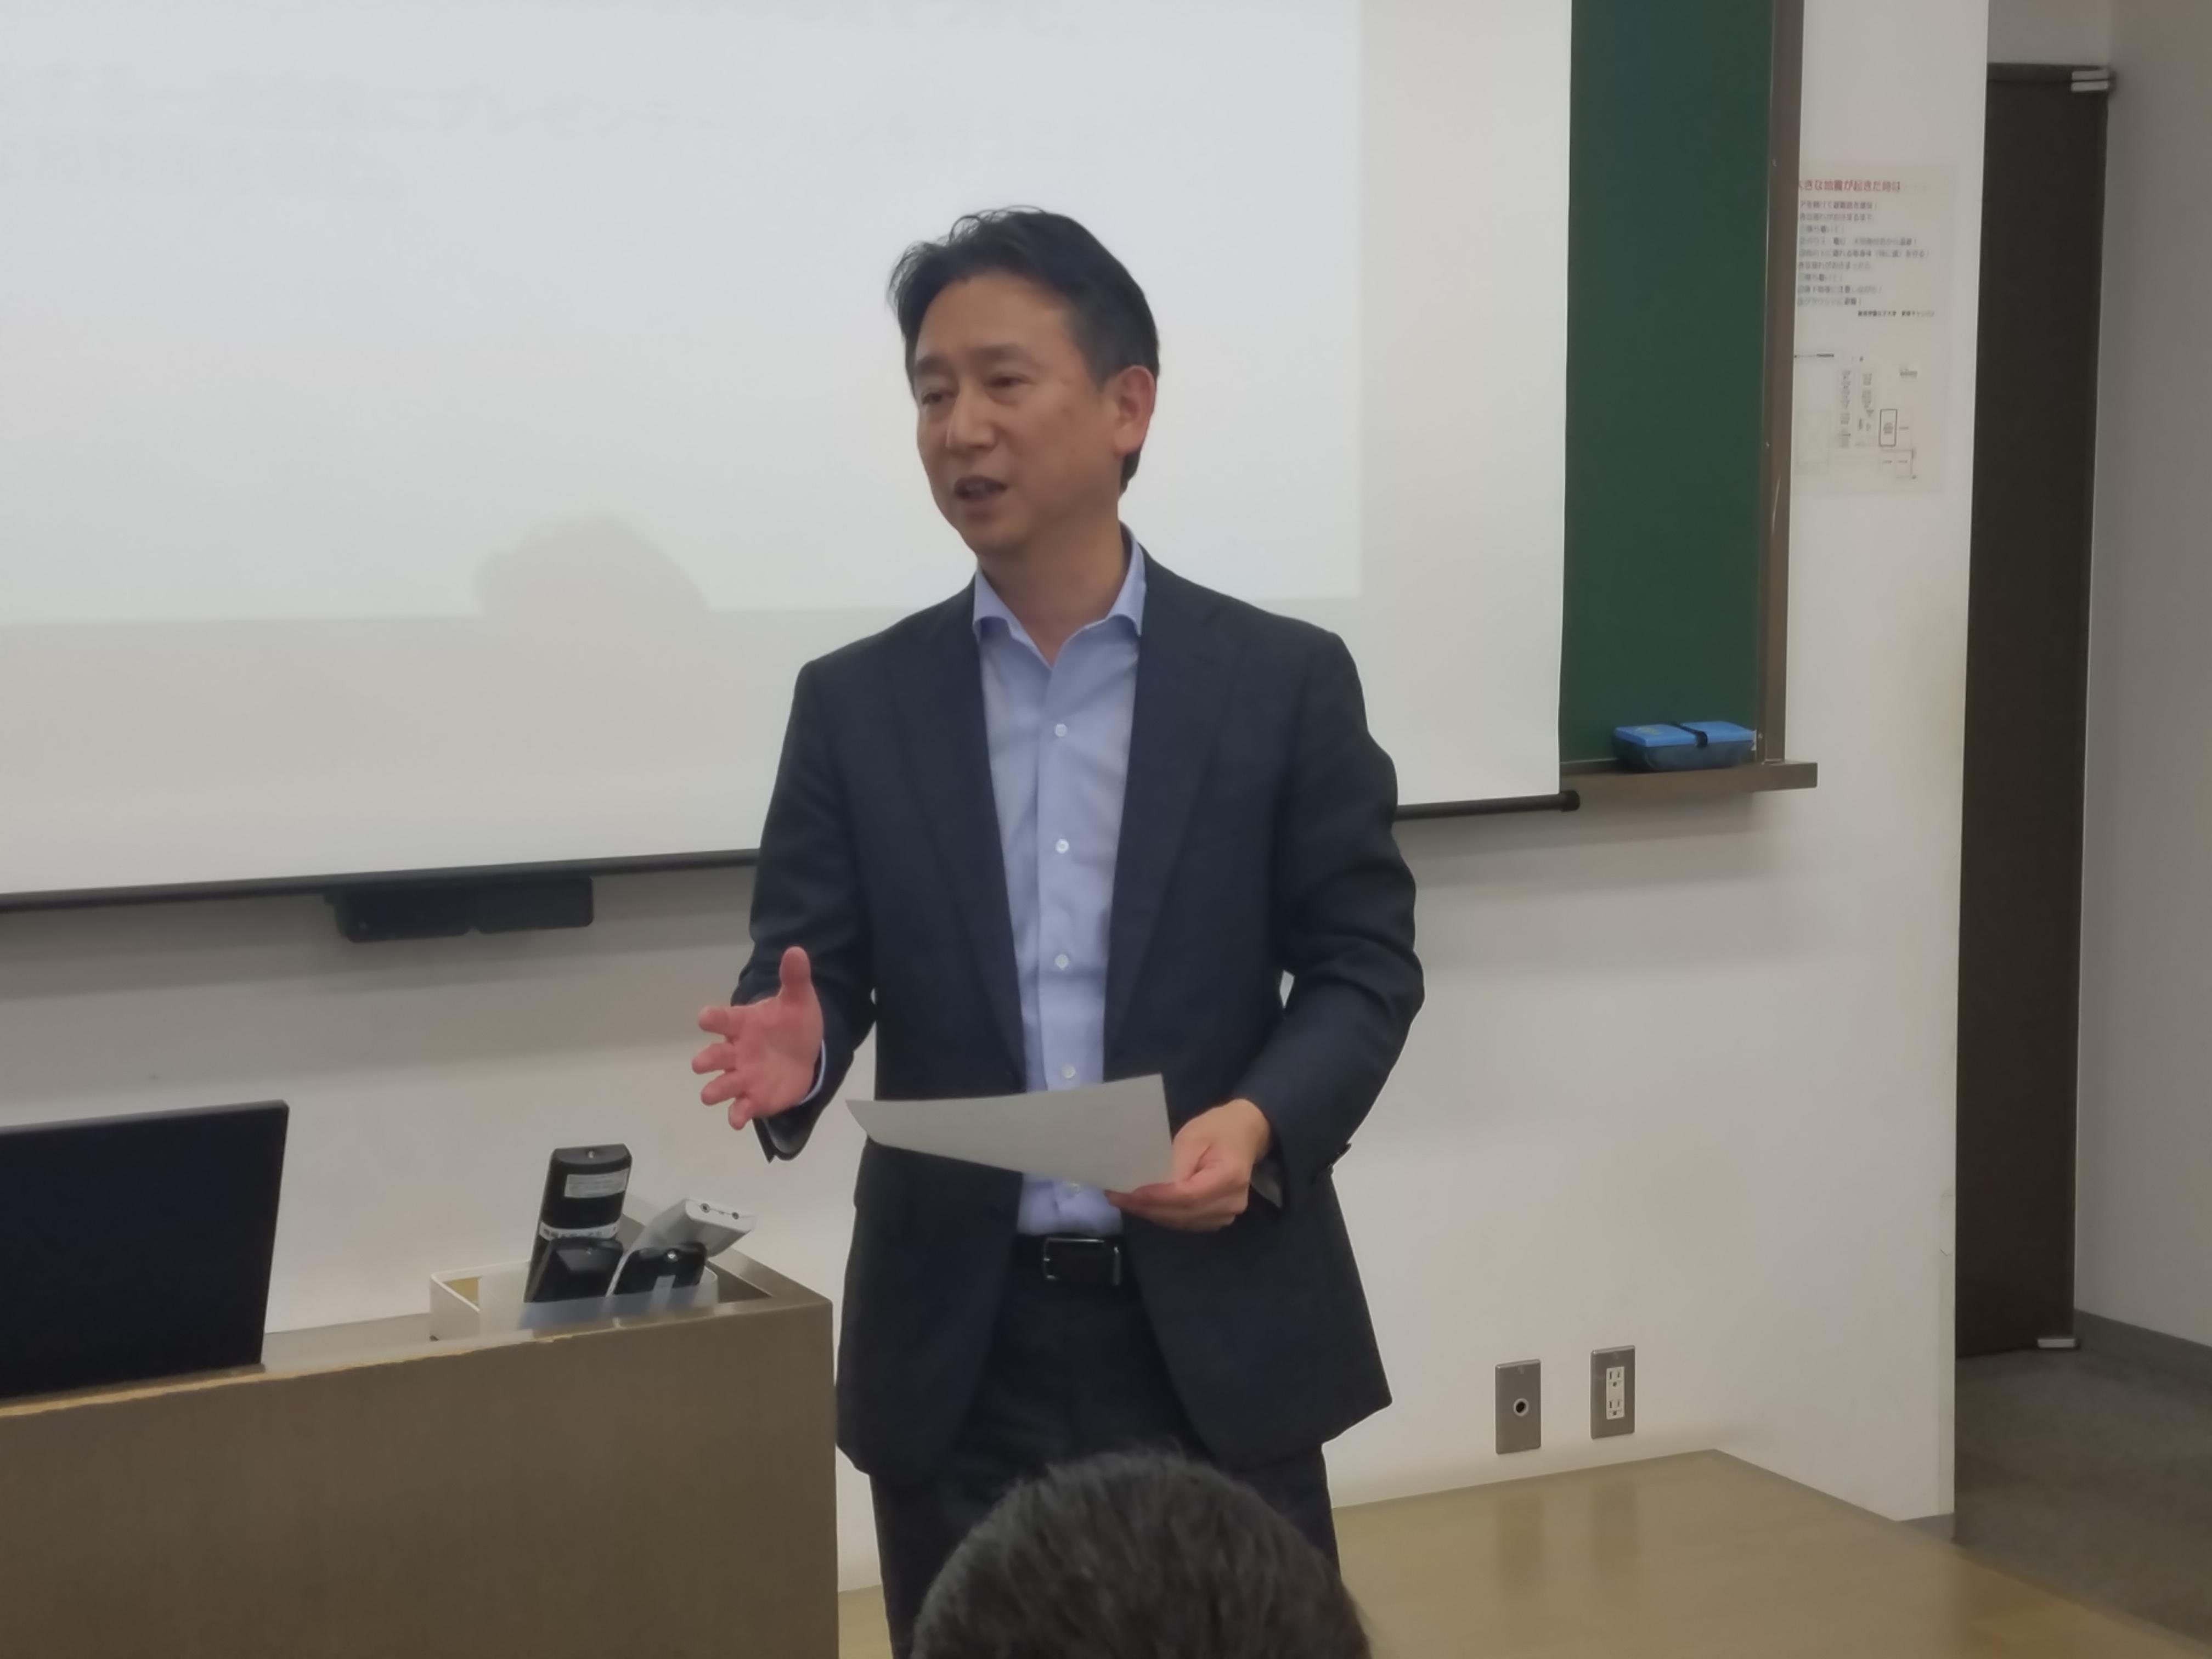 花王プロジェクト西川執行役員によるご講評